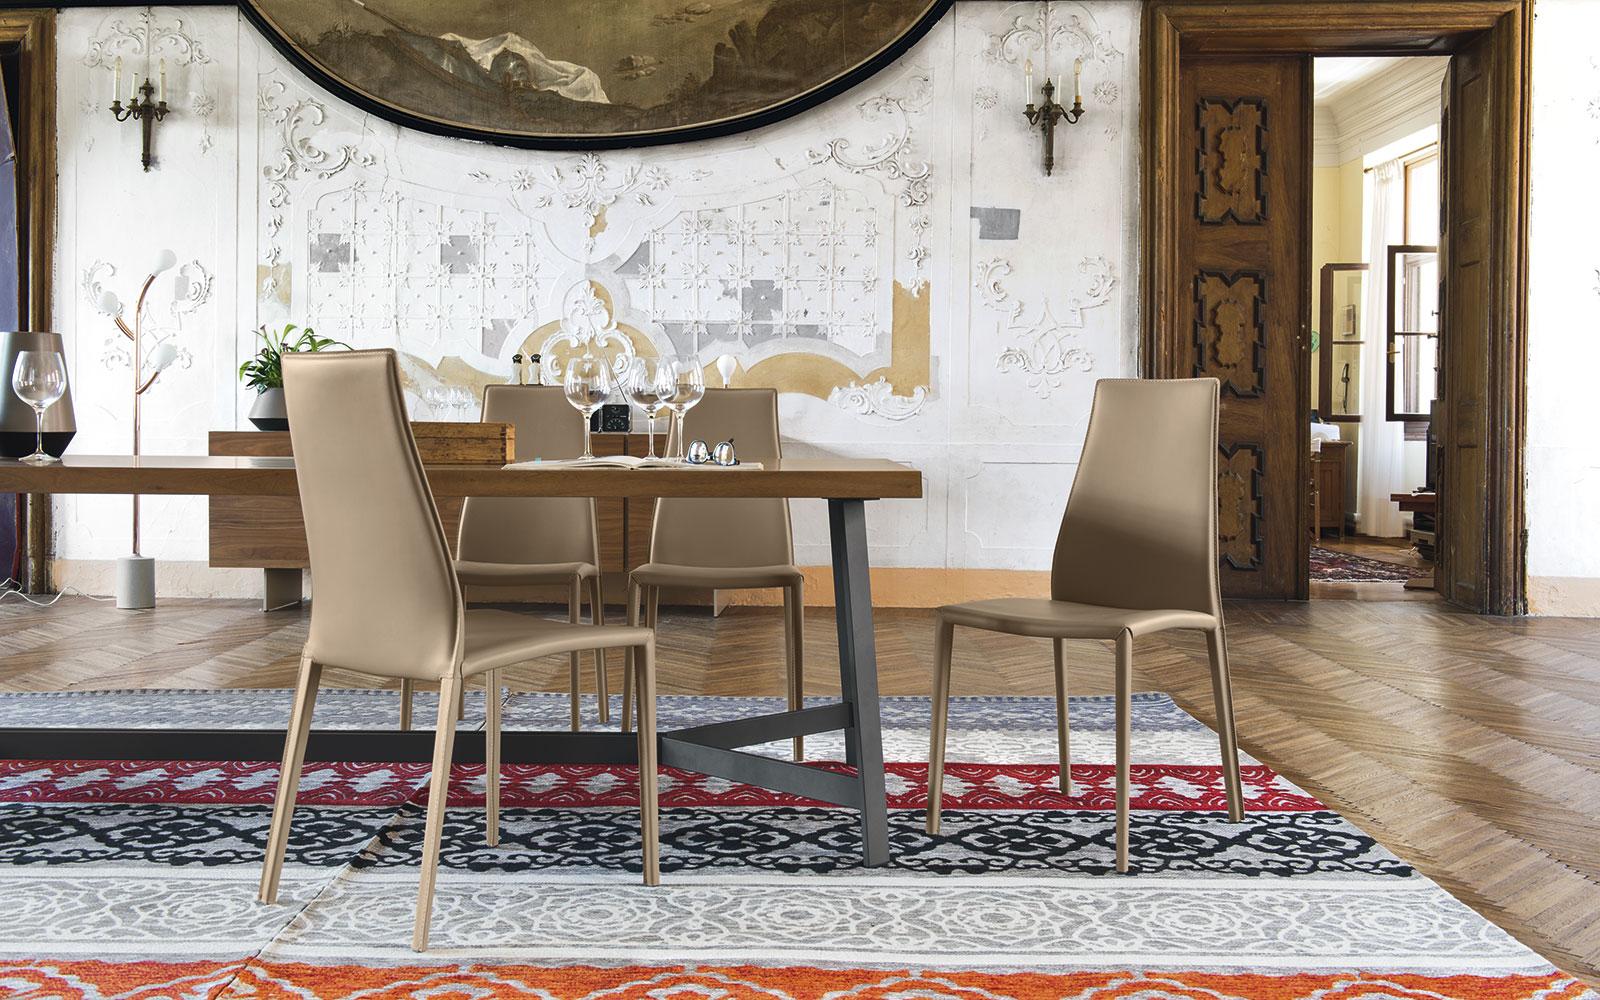 Nuova collezione di sedie calligaris ideali per la vostra casa for Cucine calligaris